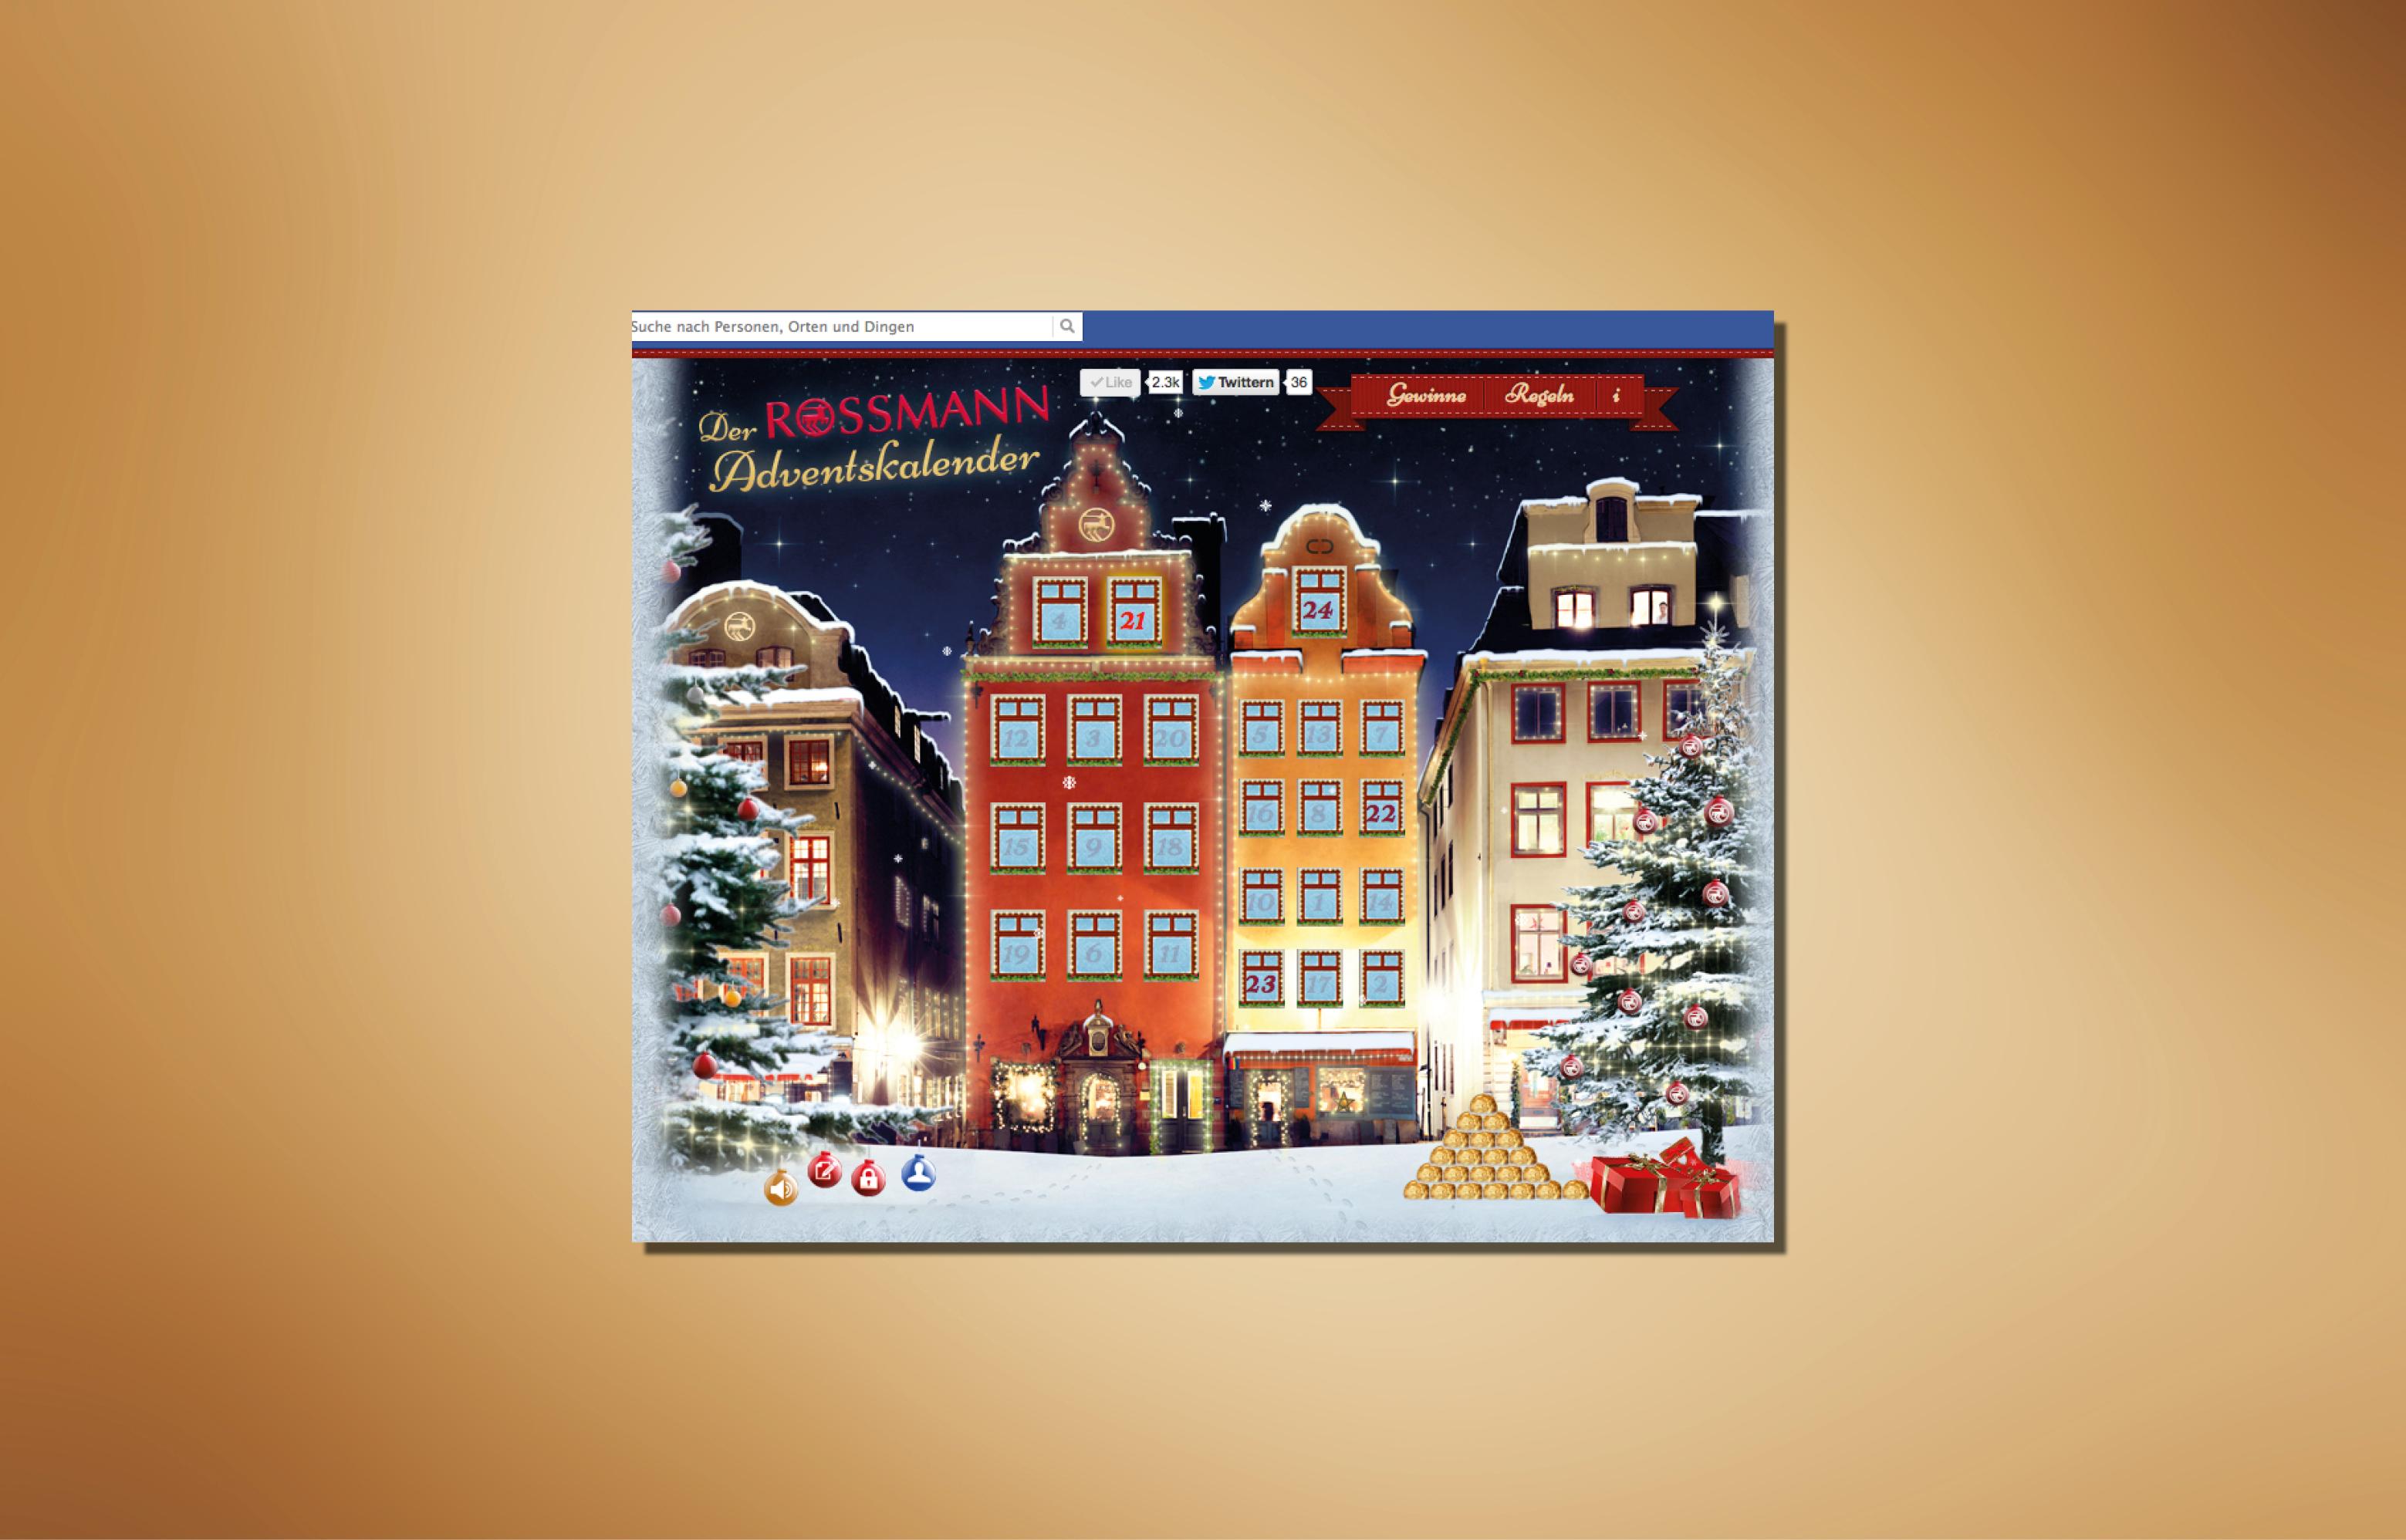 Mainka   Werbetexter für Weihnachten – Weihnachtskalender